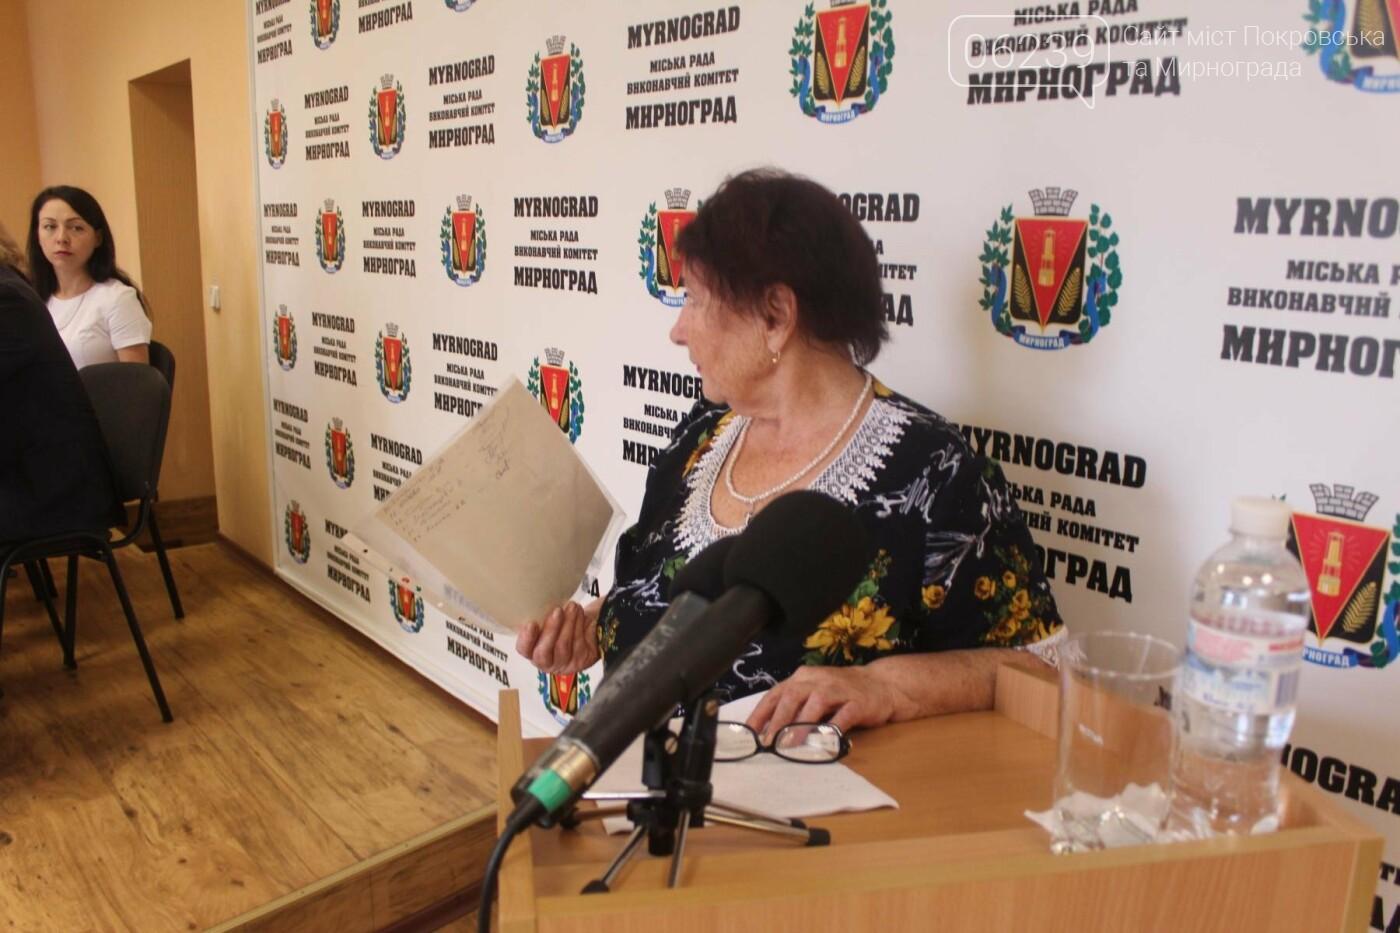 Изменения в бюджете и письмо министру: в Мирнограде состоялась 49-я сессия городского совета, фото-7